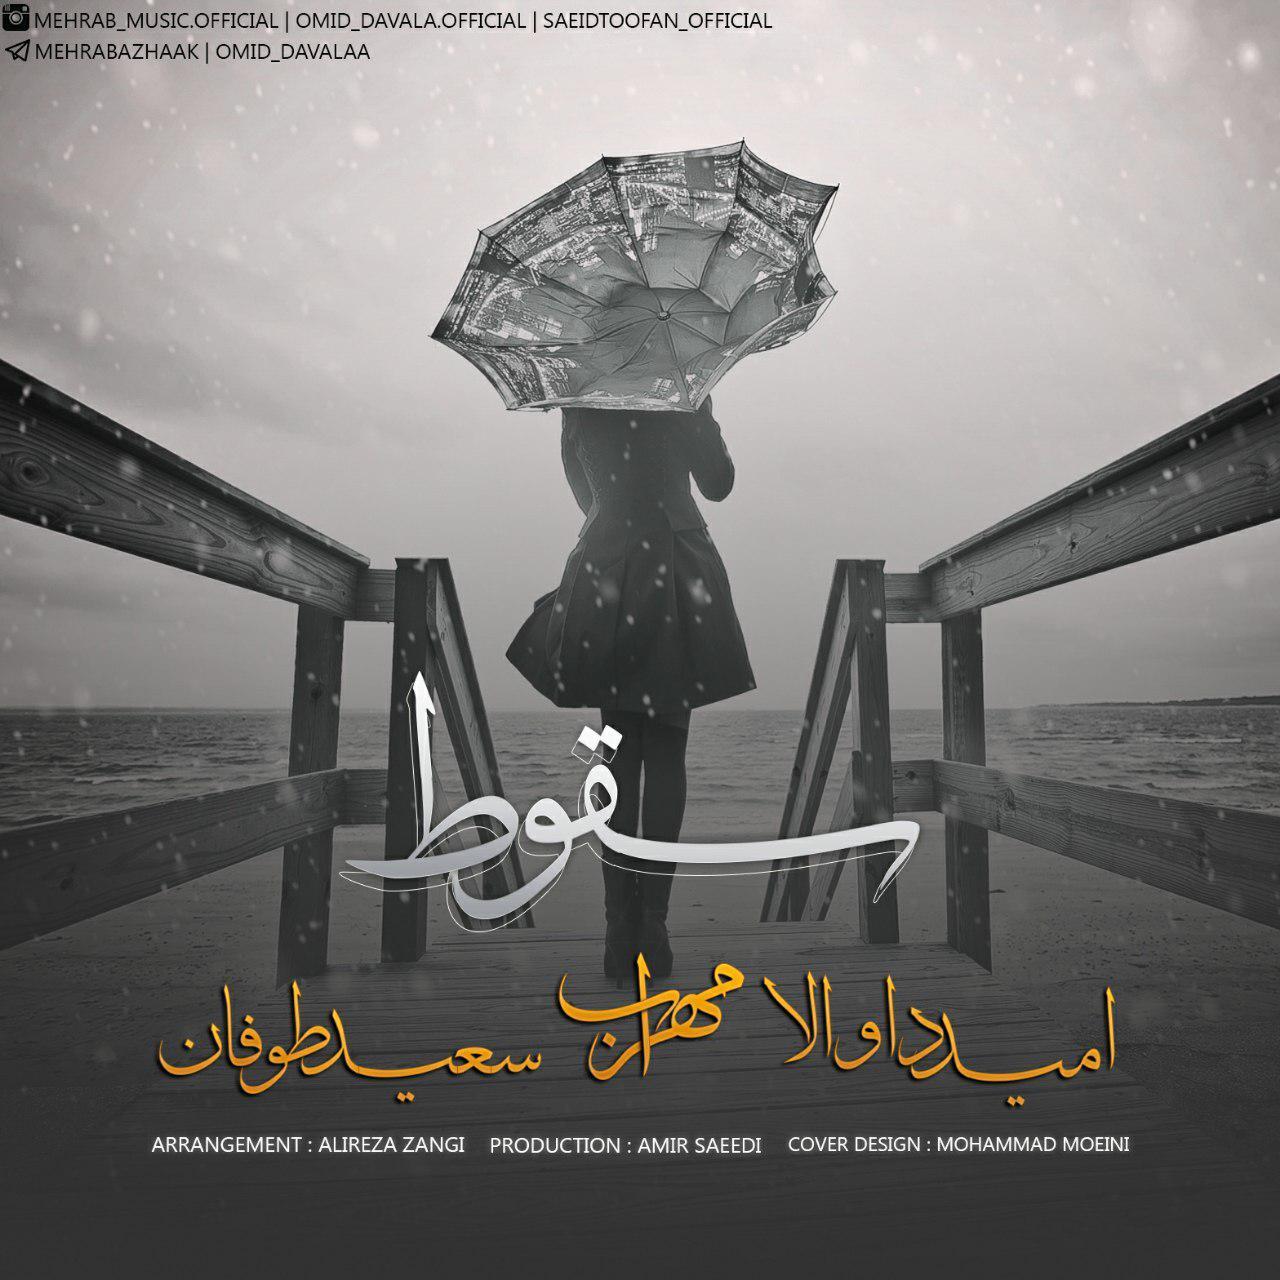 دانلود اهنگ جدید مهراب و امید داوالا و سعید طوفان بنام سقوط